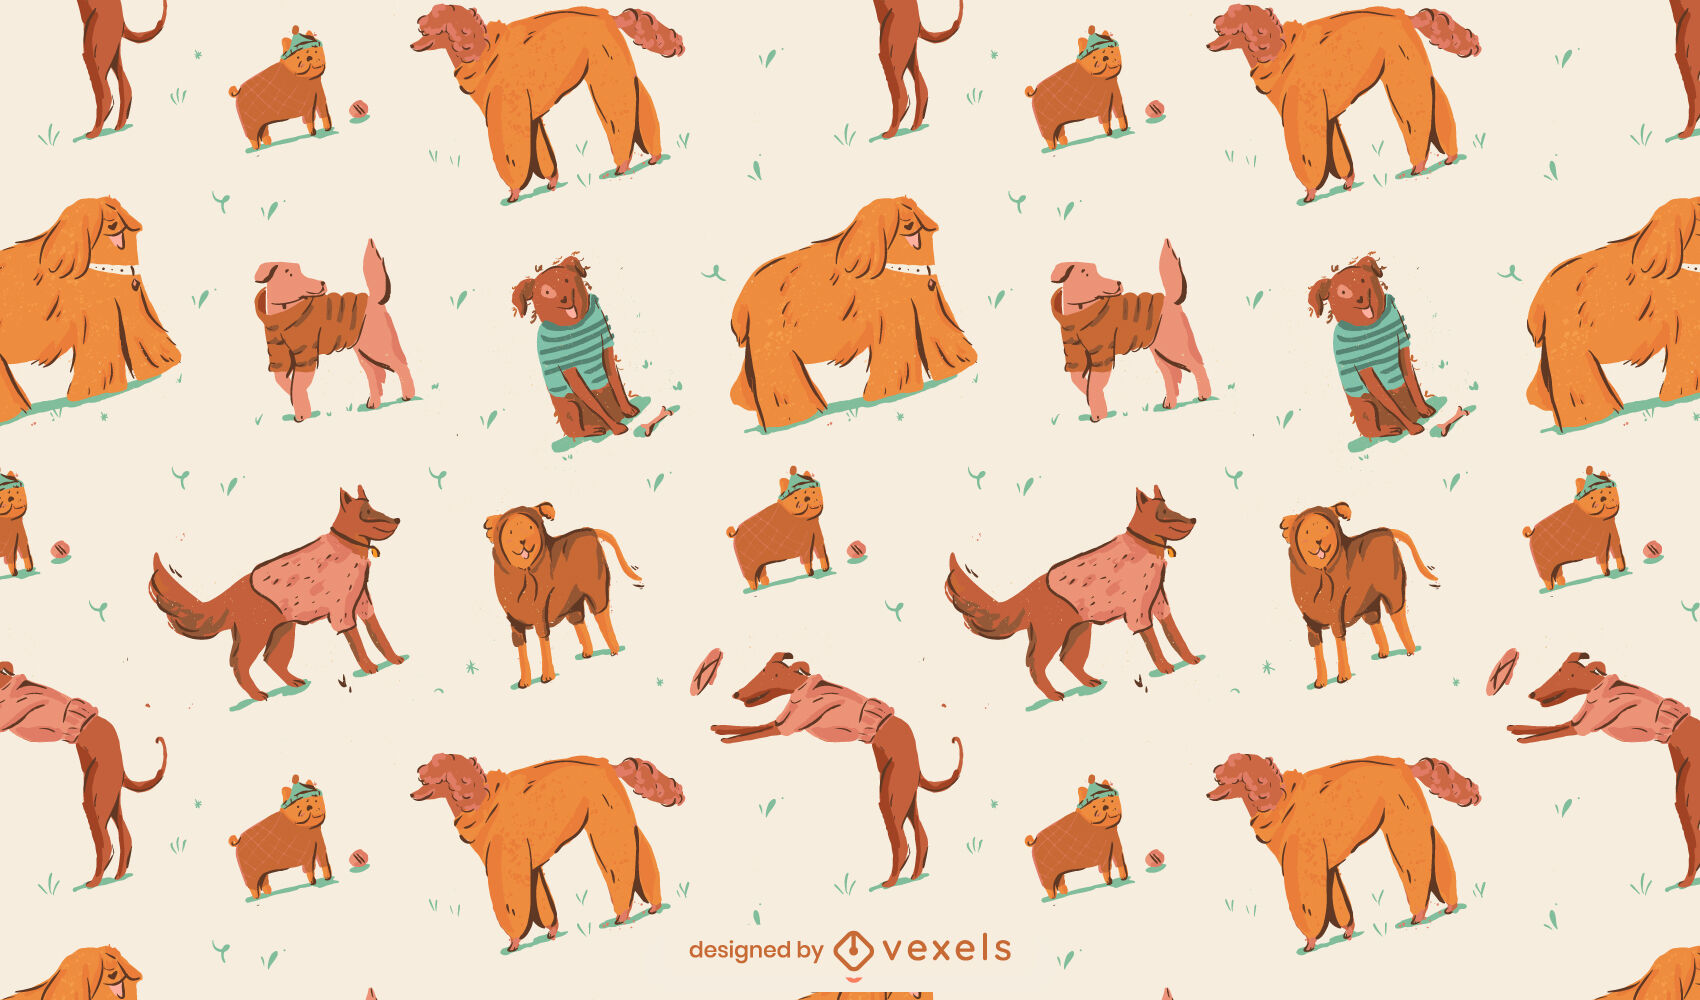 Perros en ropa diseño de patrón animal.